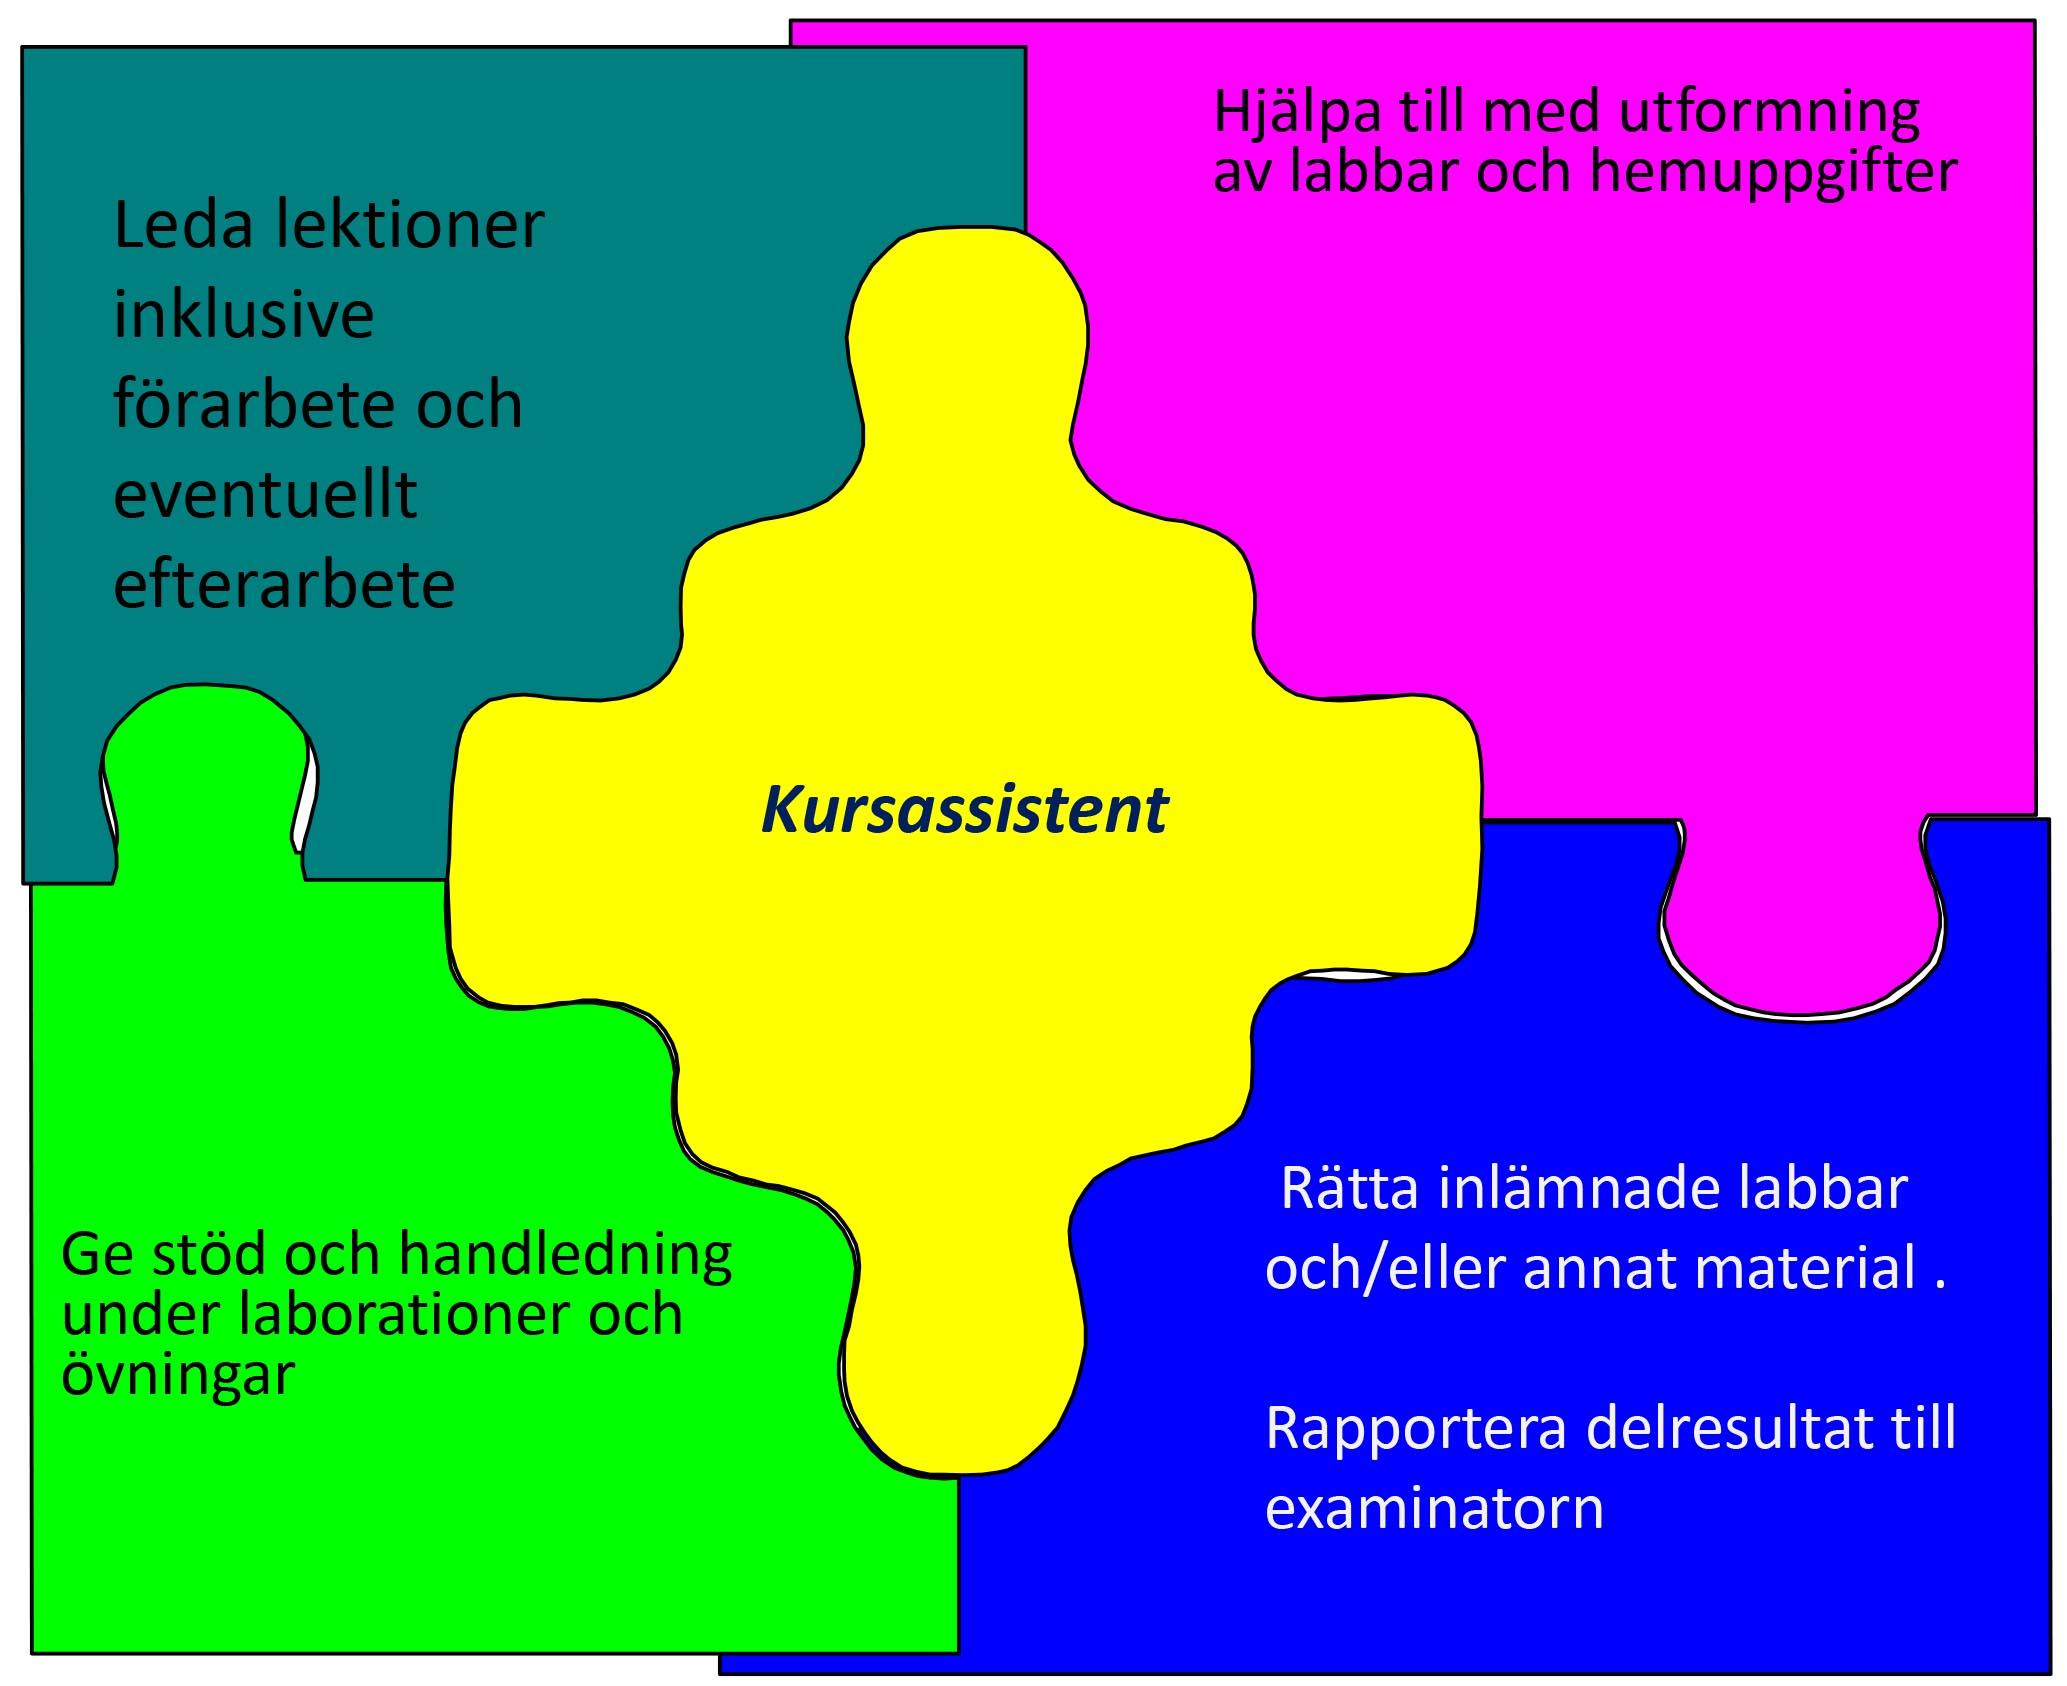 puzzel-kursassistent